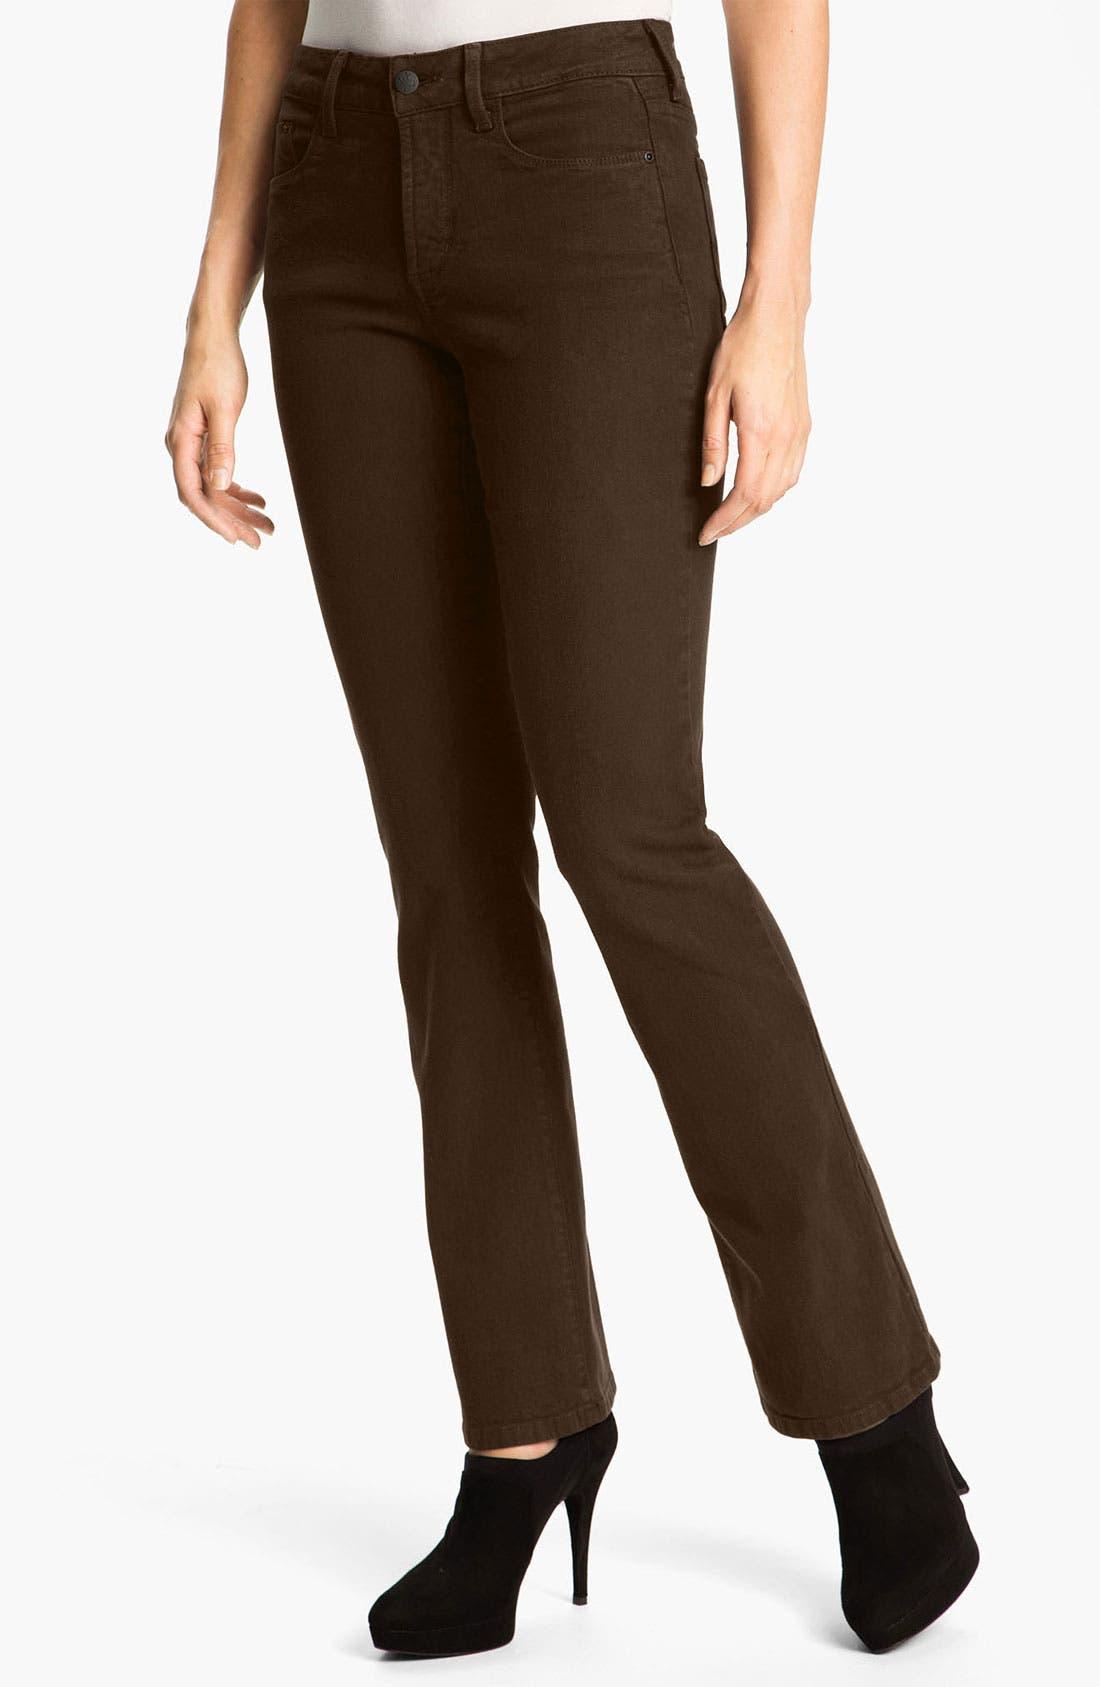 Main Image - NYDJ 'Barbara' Colored Denim Bootcut Jeans (Petite)